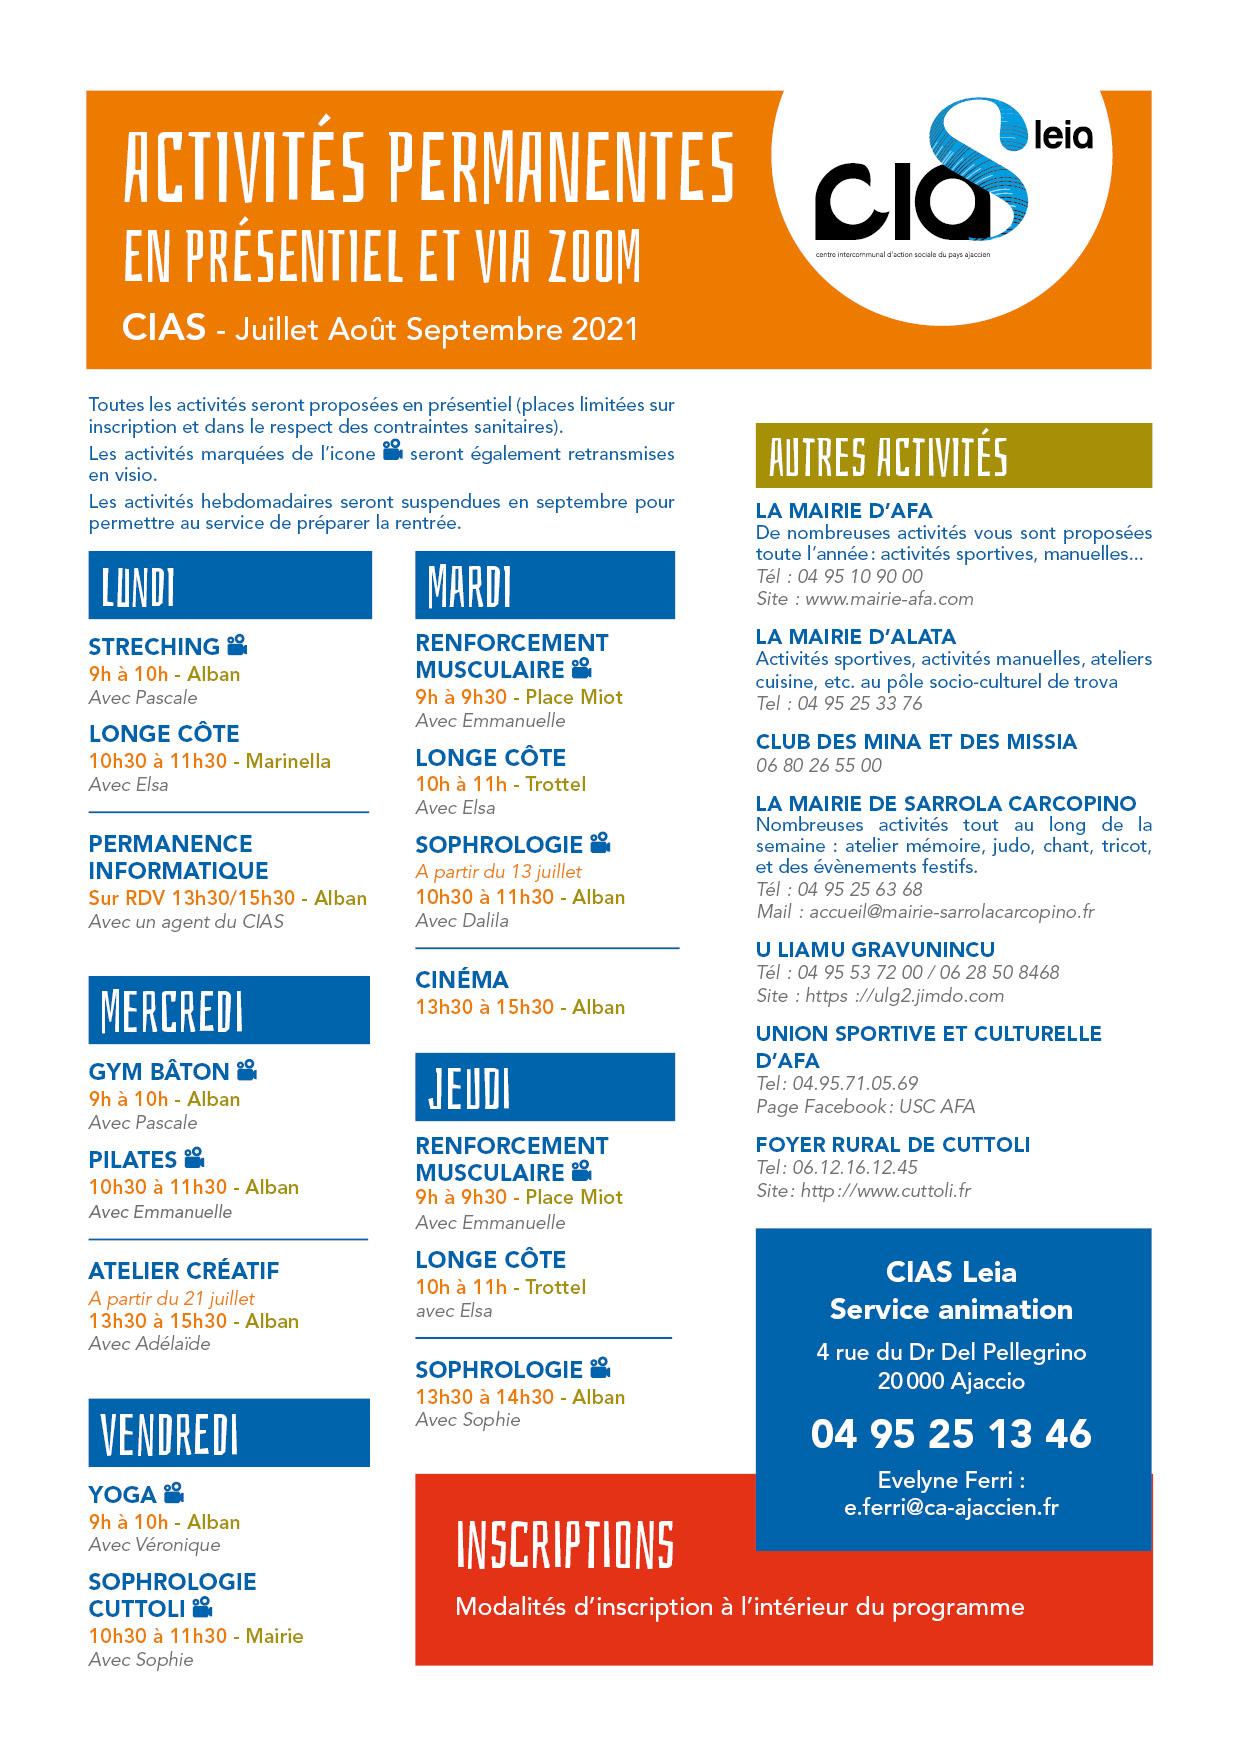 4ème page du programme d'été 2021 du CIAS du Pays Ajaccien